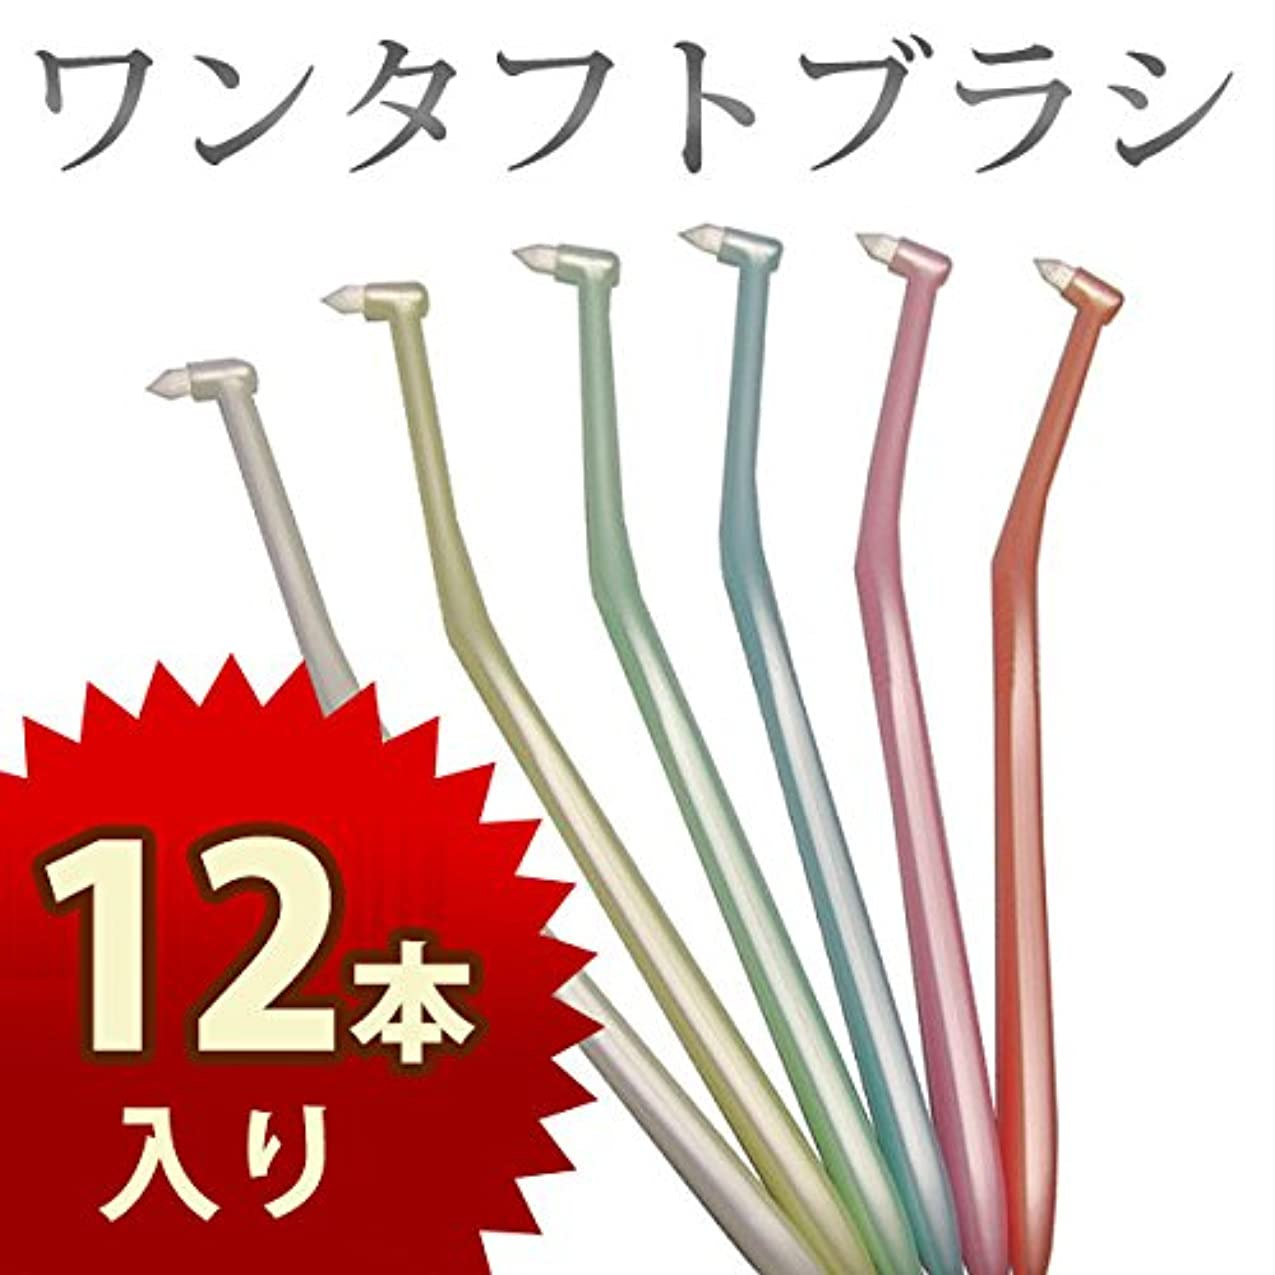 インゲン防ぐ大使館ラピス ワンタフト 12本入り LA-001 歯ブラシ ソフト(やわらかめ) オレンジ